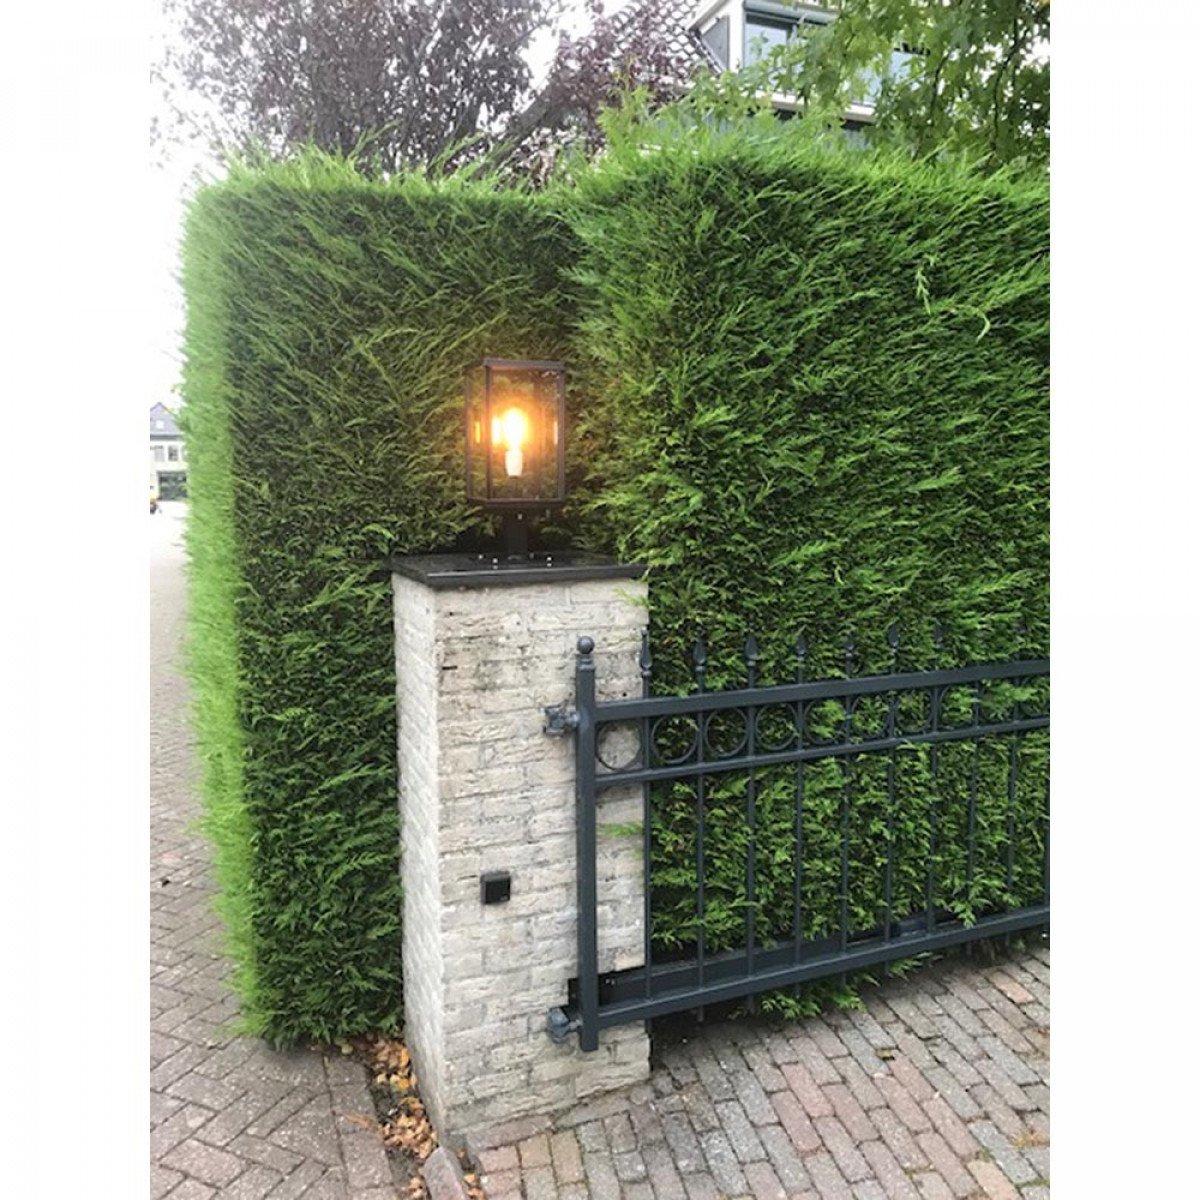 Strak klassieke buitenverlichting tuinlamp Capital sokkel ook geschikt als verlichting op een poer of zuil echte KS Verlichting